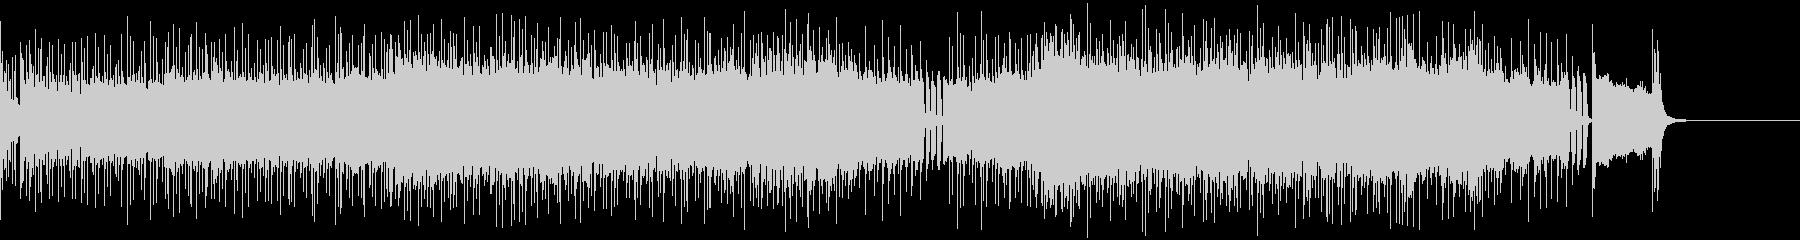 ディストーションギターリフの効いたロックの未再生の波形